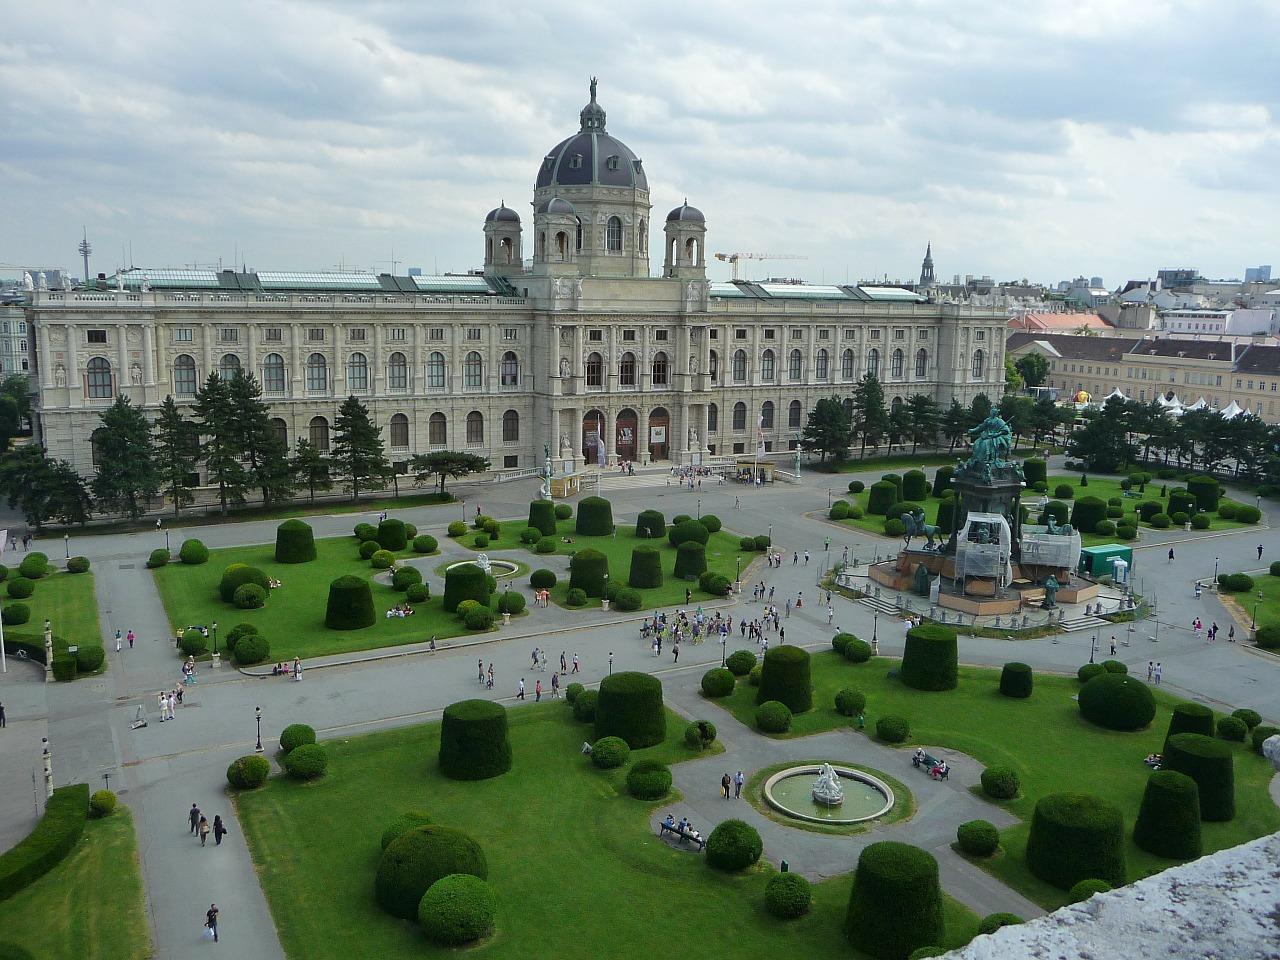 ヨーロッパ旅行のおすすめ観光地!旧市街を楽しむウィーン